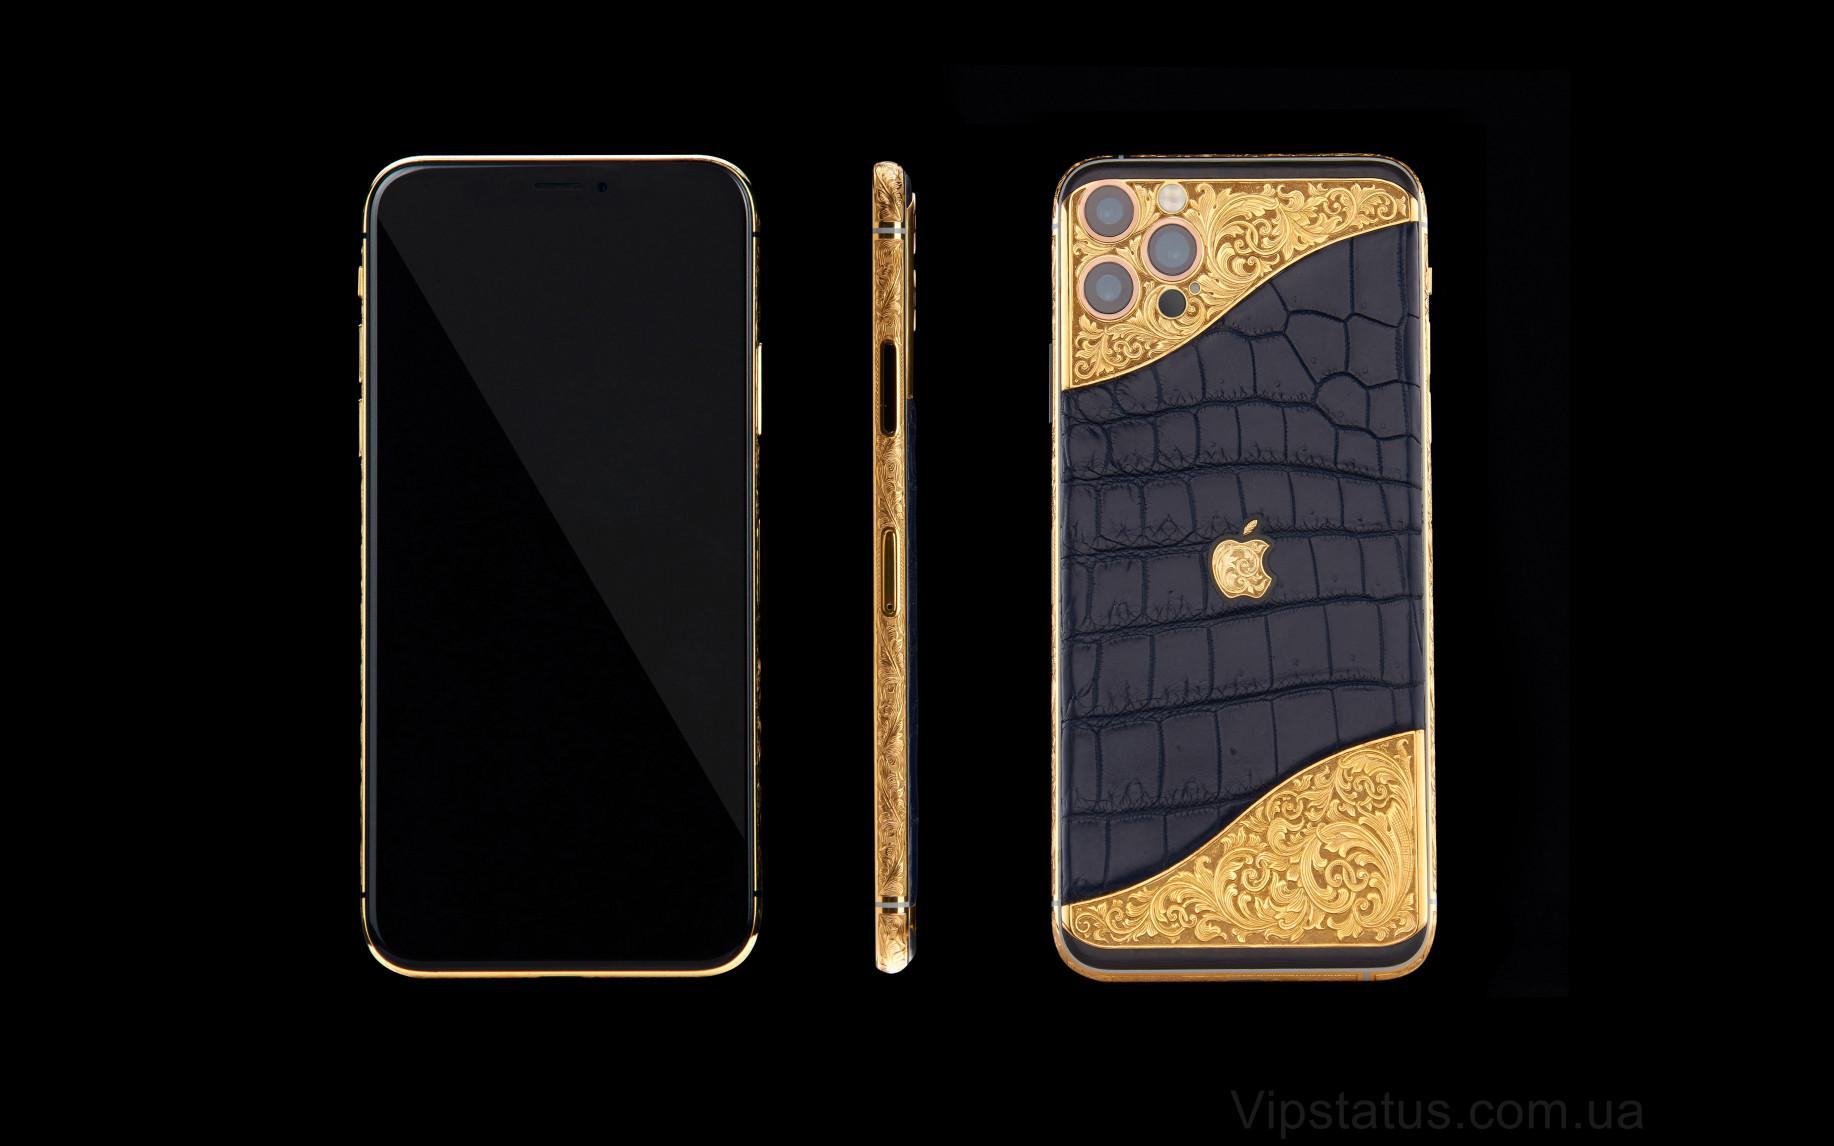 Elite Gold Aristocrate IPHONE 12 PRO MAX 512 GB Gold Aristocrate IPHONE 12 PRO MAX 512 GB image 4